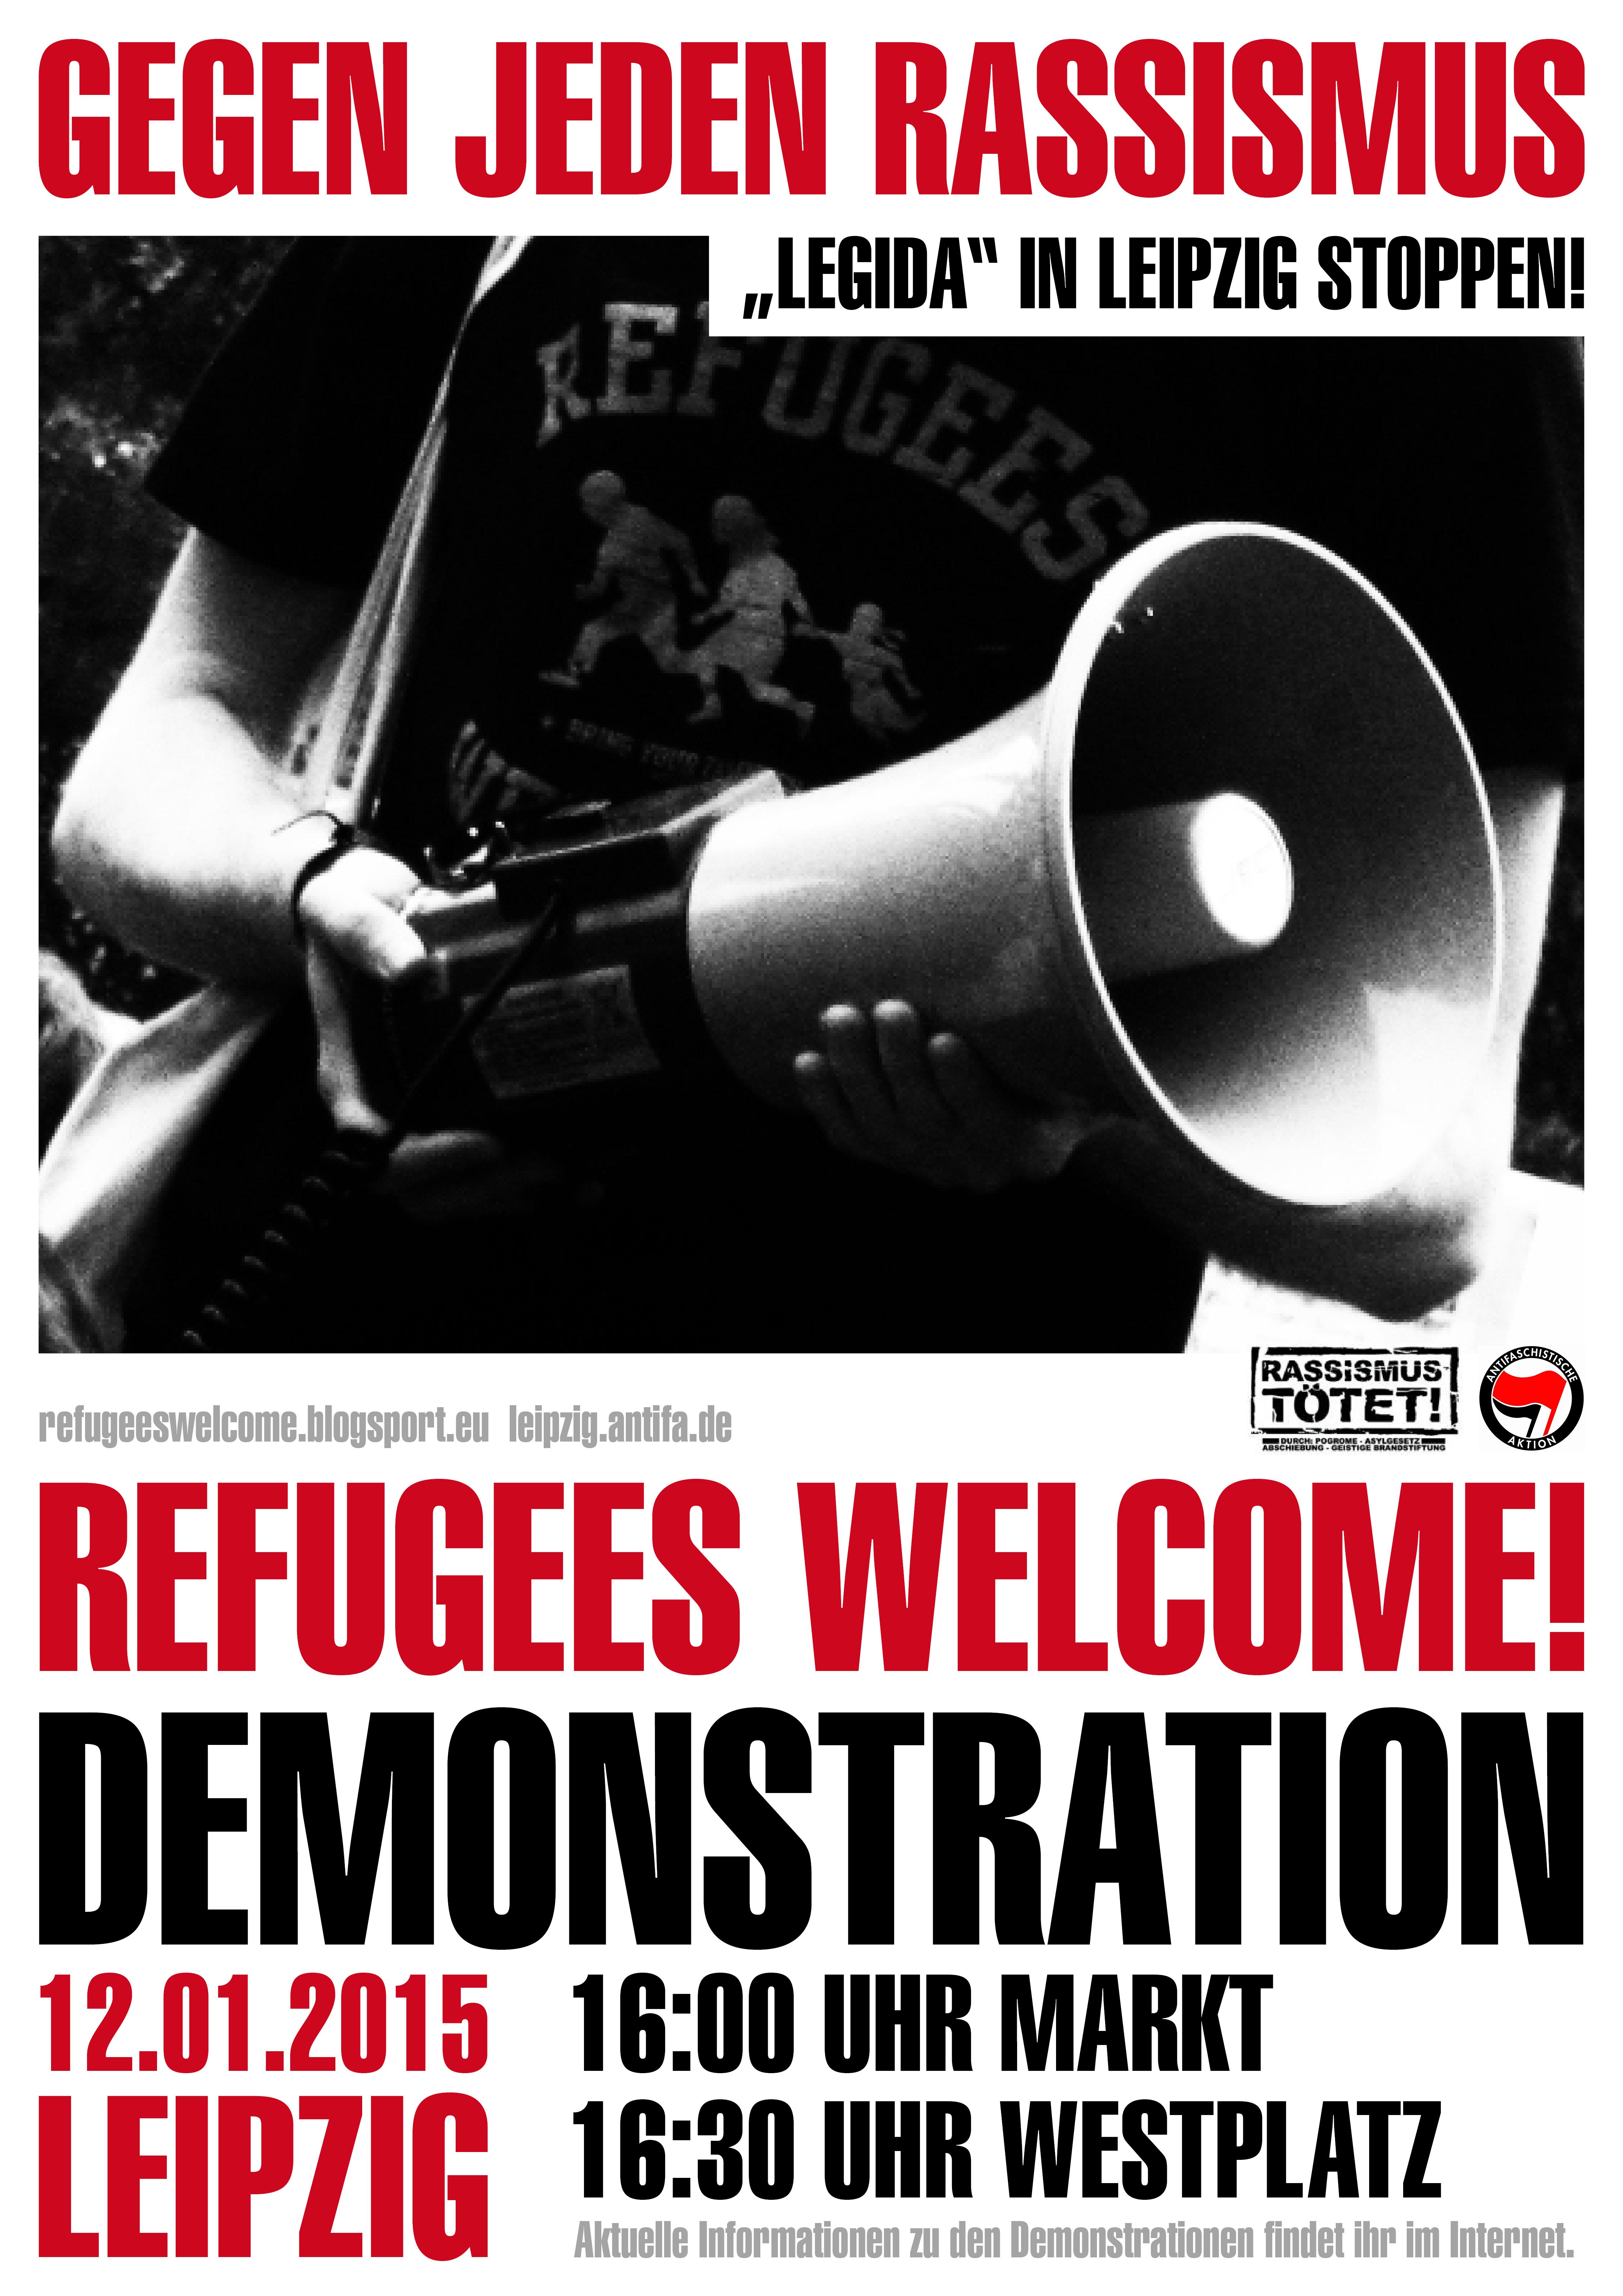 Übersicht zu protesten gegen den legida-aufmarsch am 12.01. in